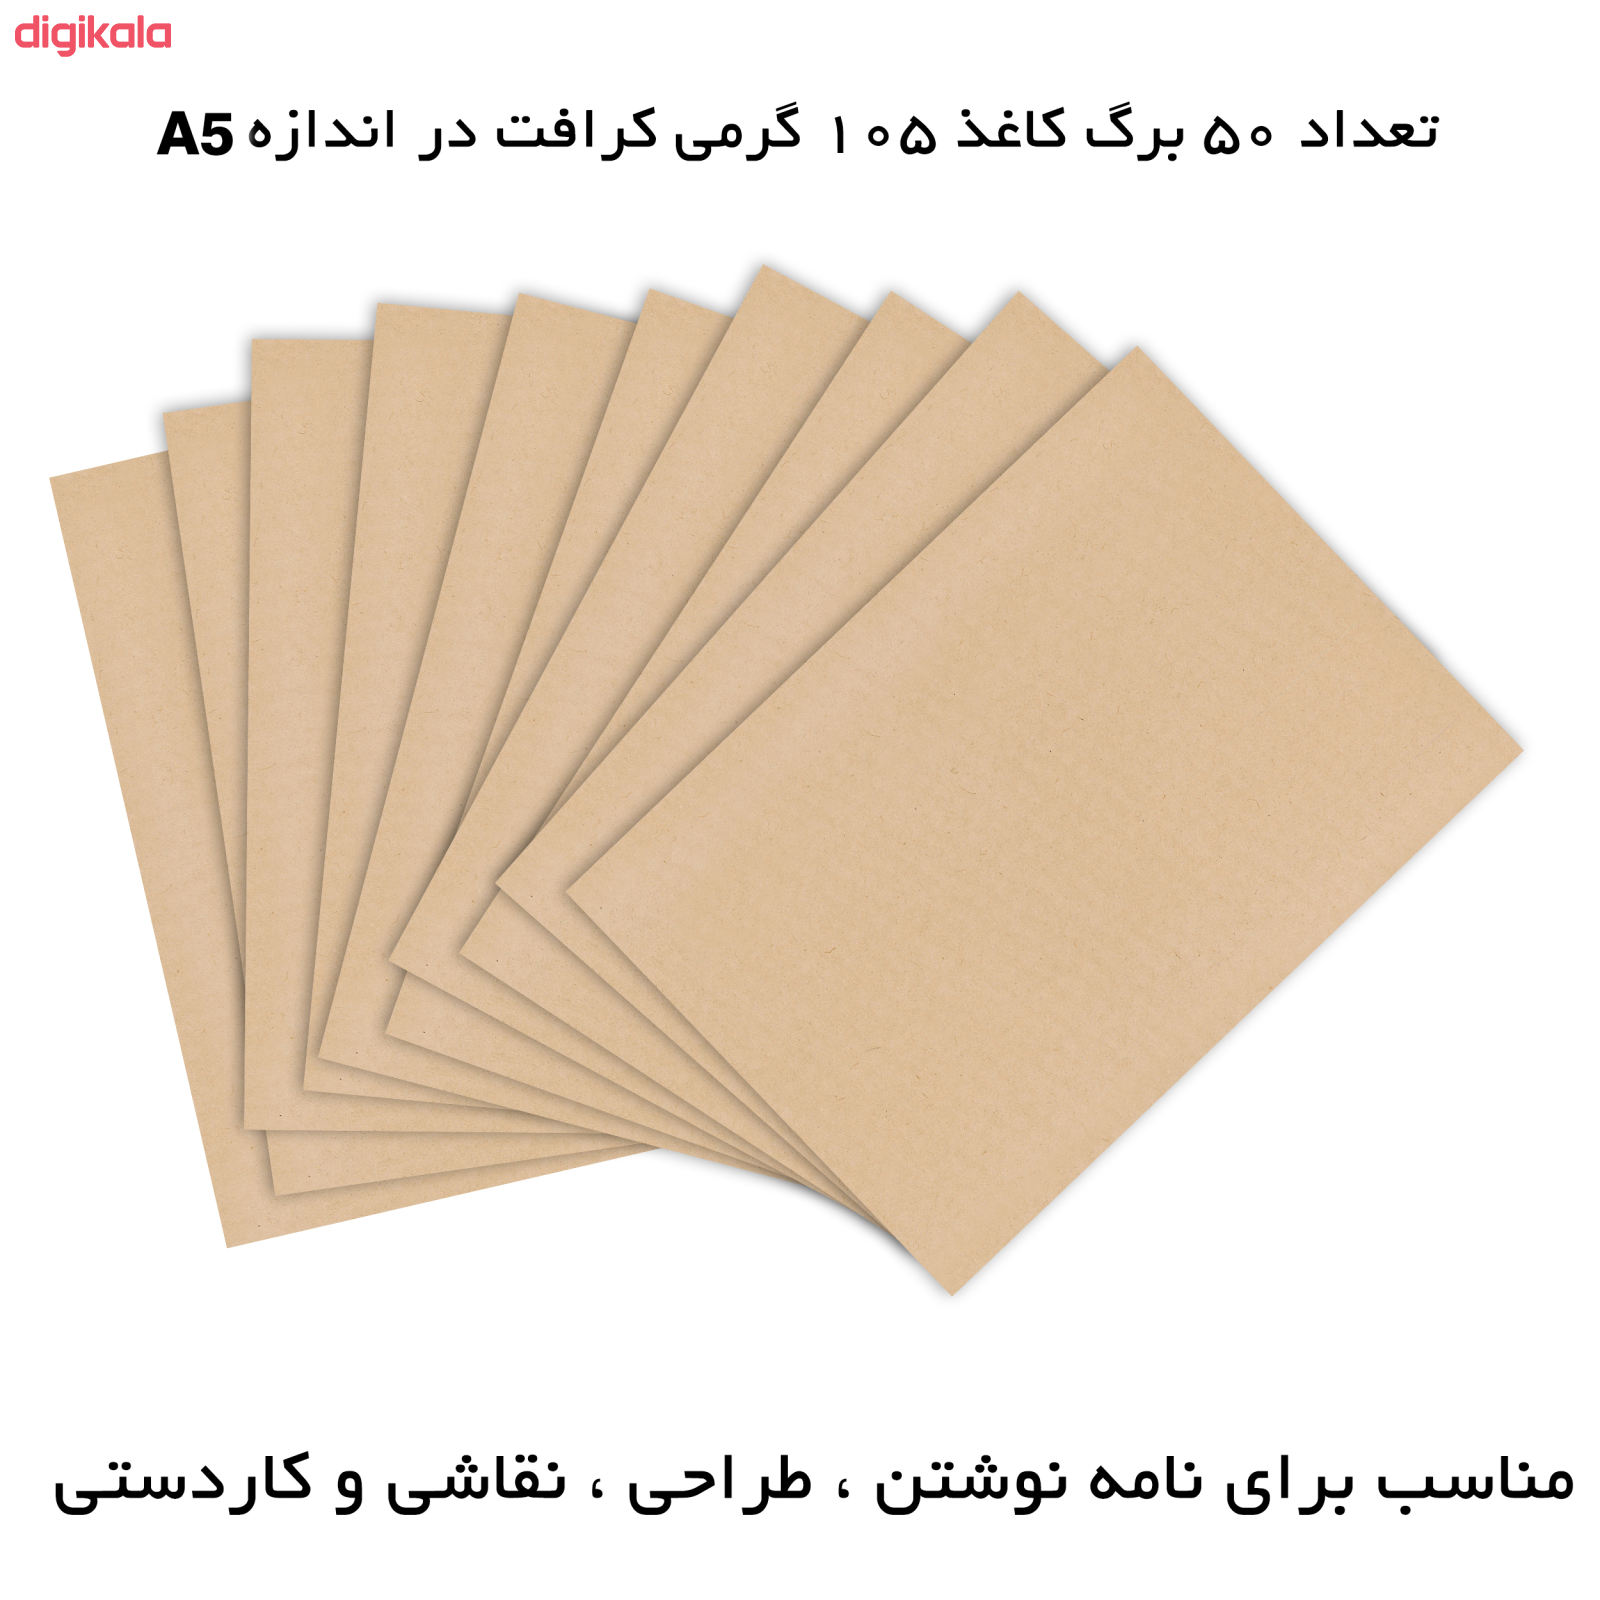 کاغذ کرافت مستر راد کد 1436 بسته 50 عددی main 1 3